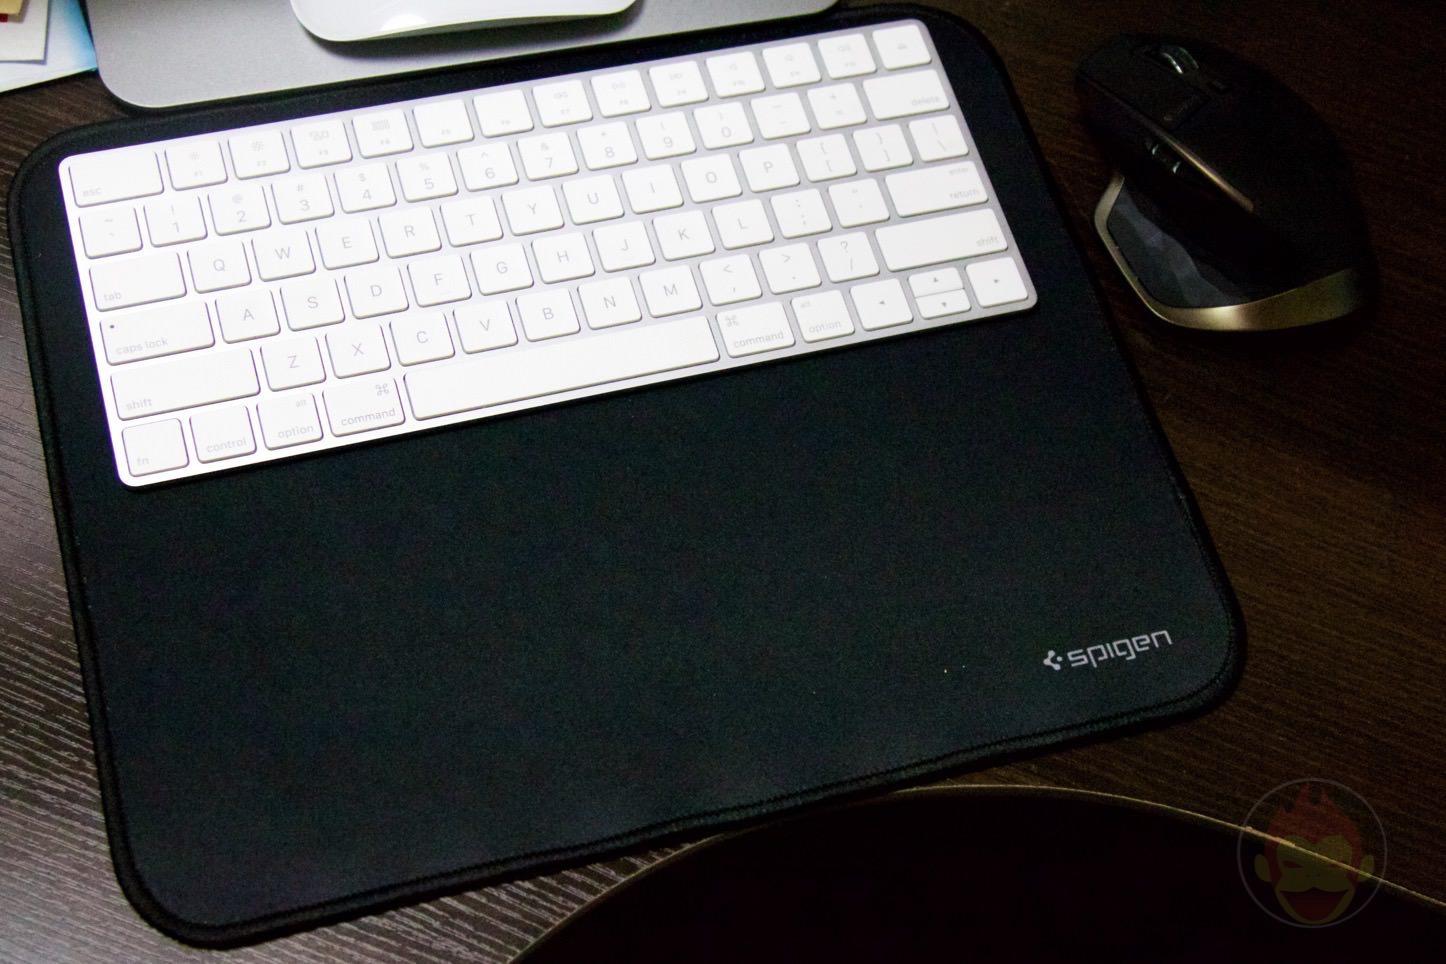 Spigen-Mouse-Pad-A100-03.jpg